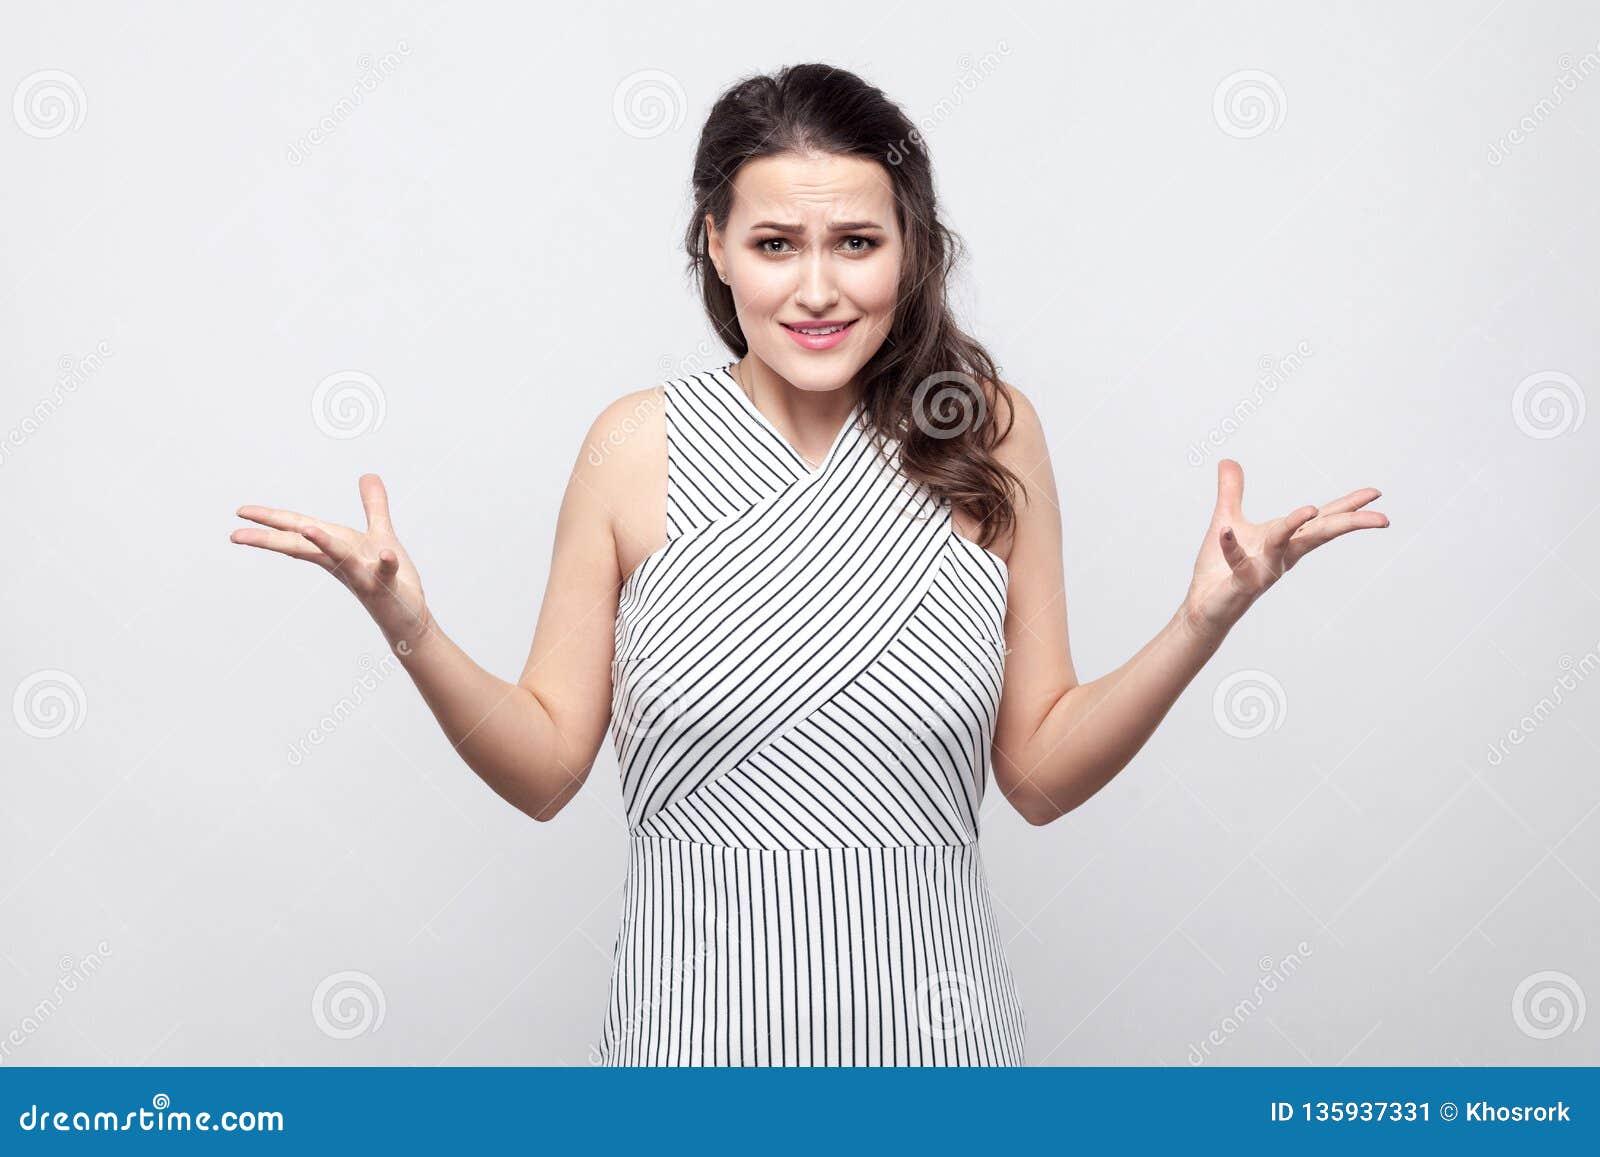 Porträt der verwirrten schönen jungen brunette Frau mit Make-up und gestreifter Kleiderstellung und dem Betrachten der Kamera mit